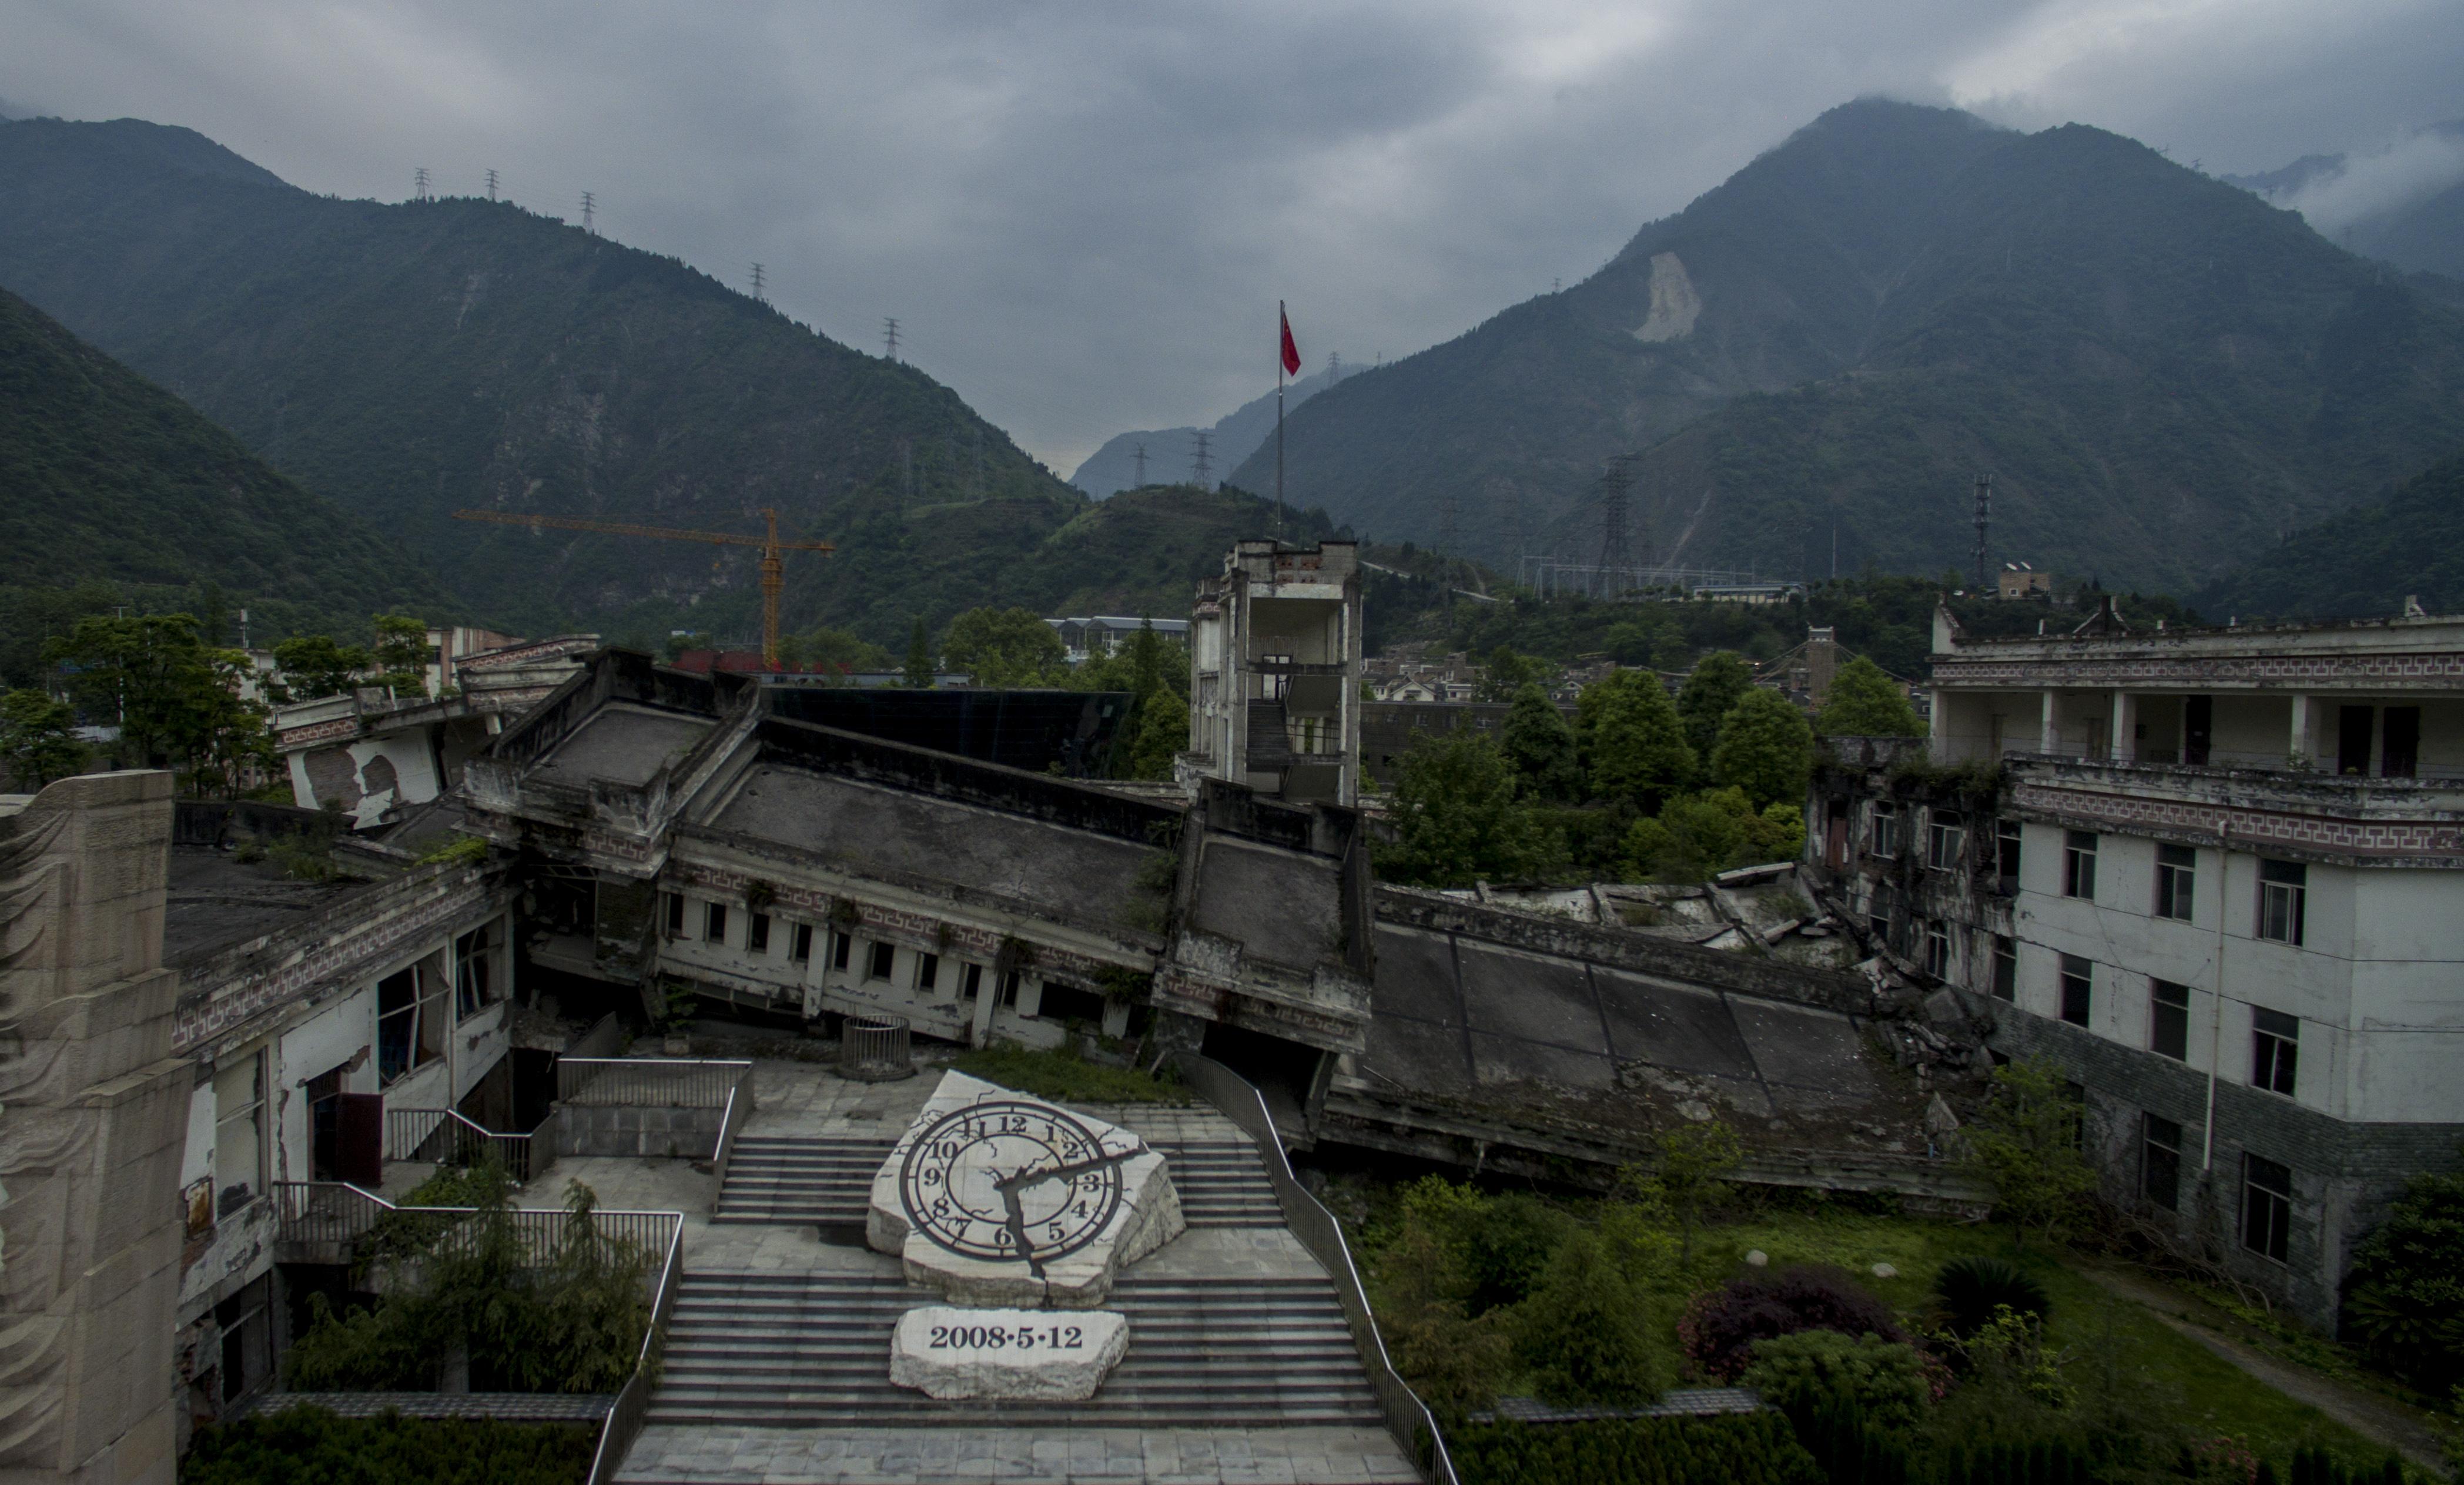 La destruida escuela Xuankou, hoy convertida en un memorial del sismo (AFP / Johannes EISELE)